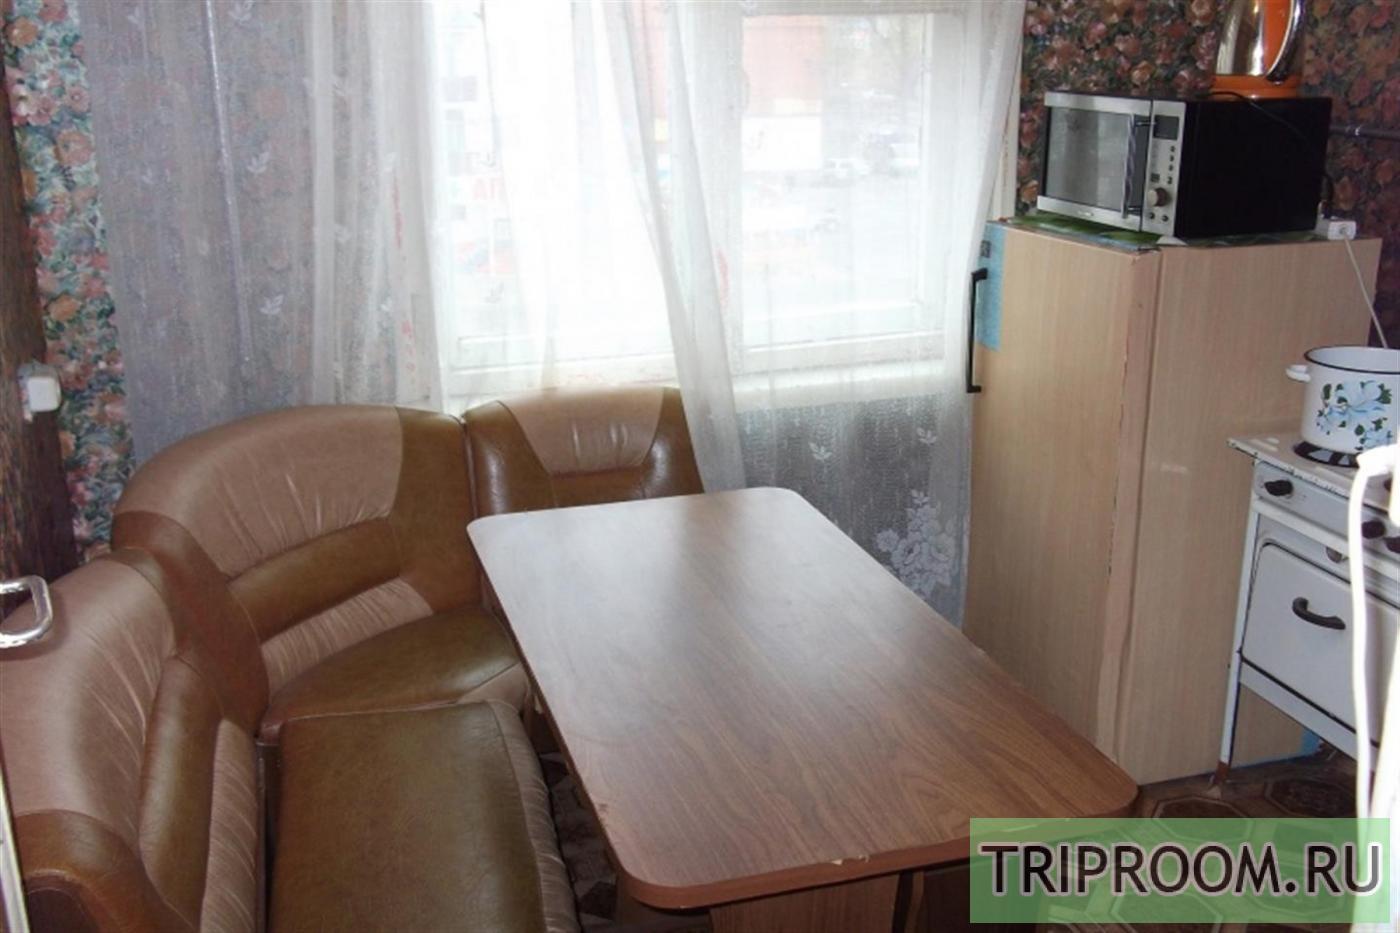 1-комнатная квартира посуточно (вариант № 30314), ул. Красноярский Рабочий проспект, фото № 3